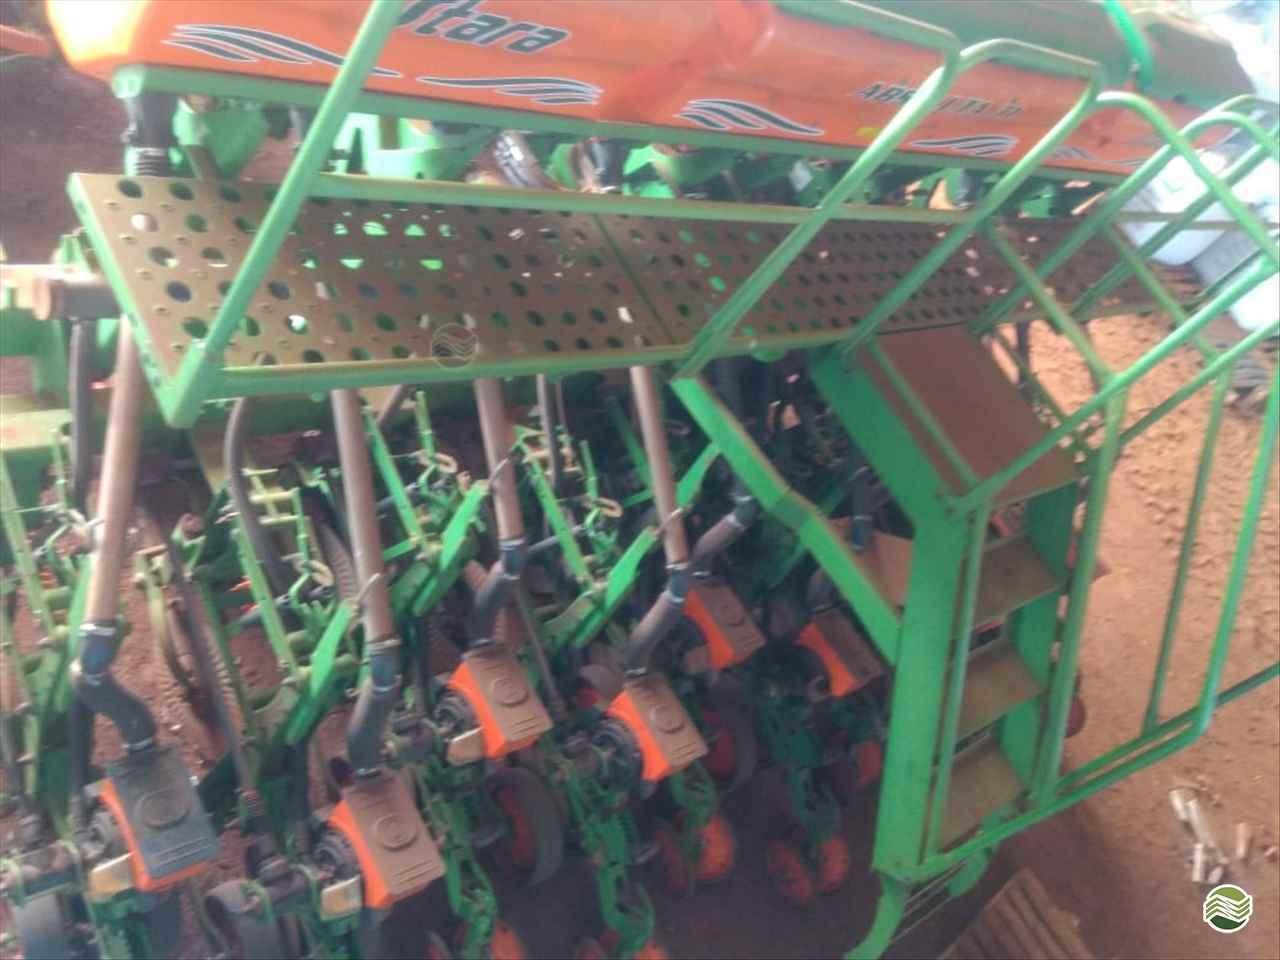 PLANTADEIRA STARA ABSOLUTA 31 Gama Máquinas Agrícolas RIO VERDE GOIAS GO